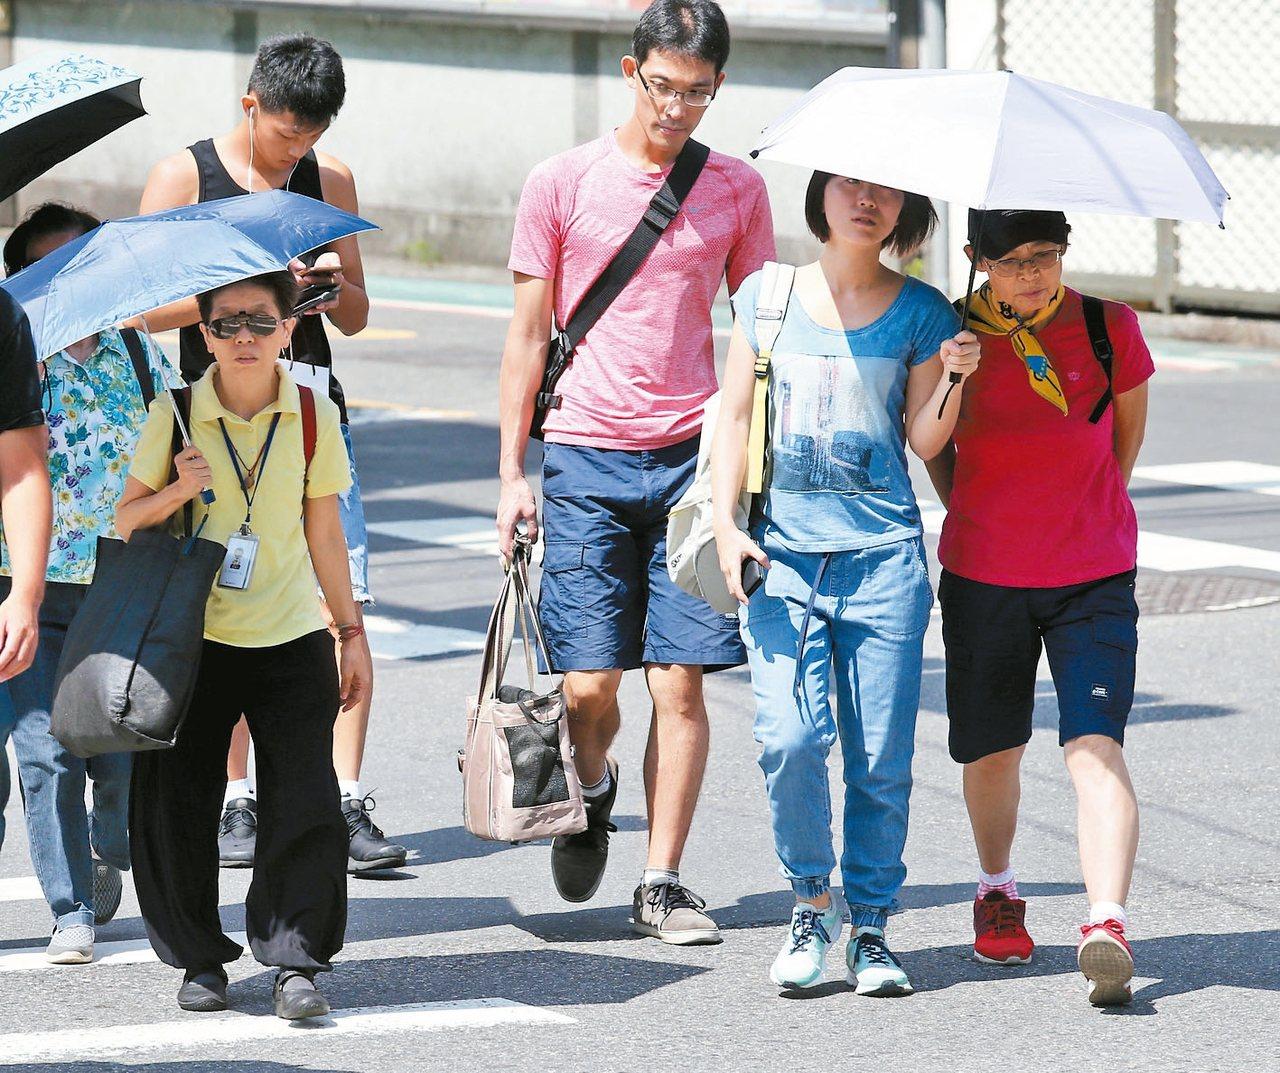 中央氣象局表示,今天全台各地大多是晴朗炎熱的天氣,各地高溫普遍在33到35度左右,其中大台北地區有可能出現37度的高溫,民眾撐傘抵擋毒辣的豔陽。 記者鄭清元/攝影